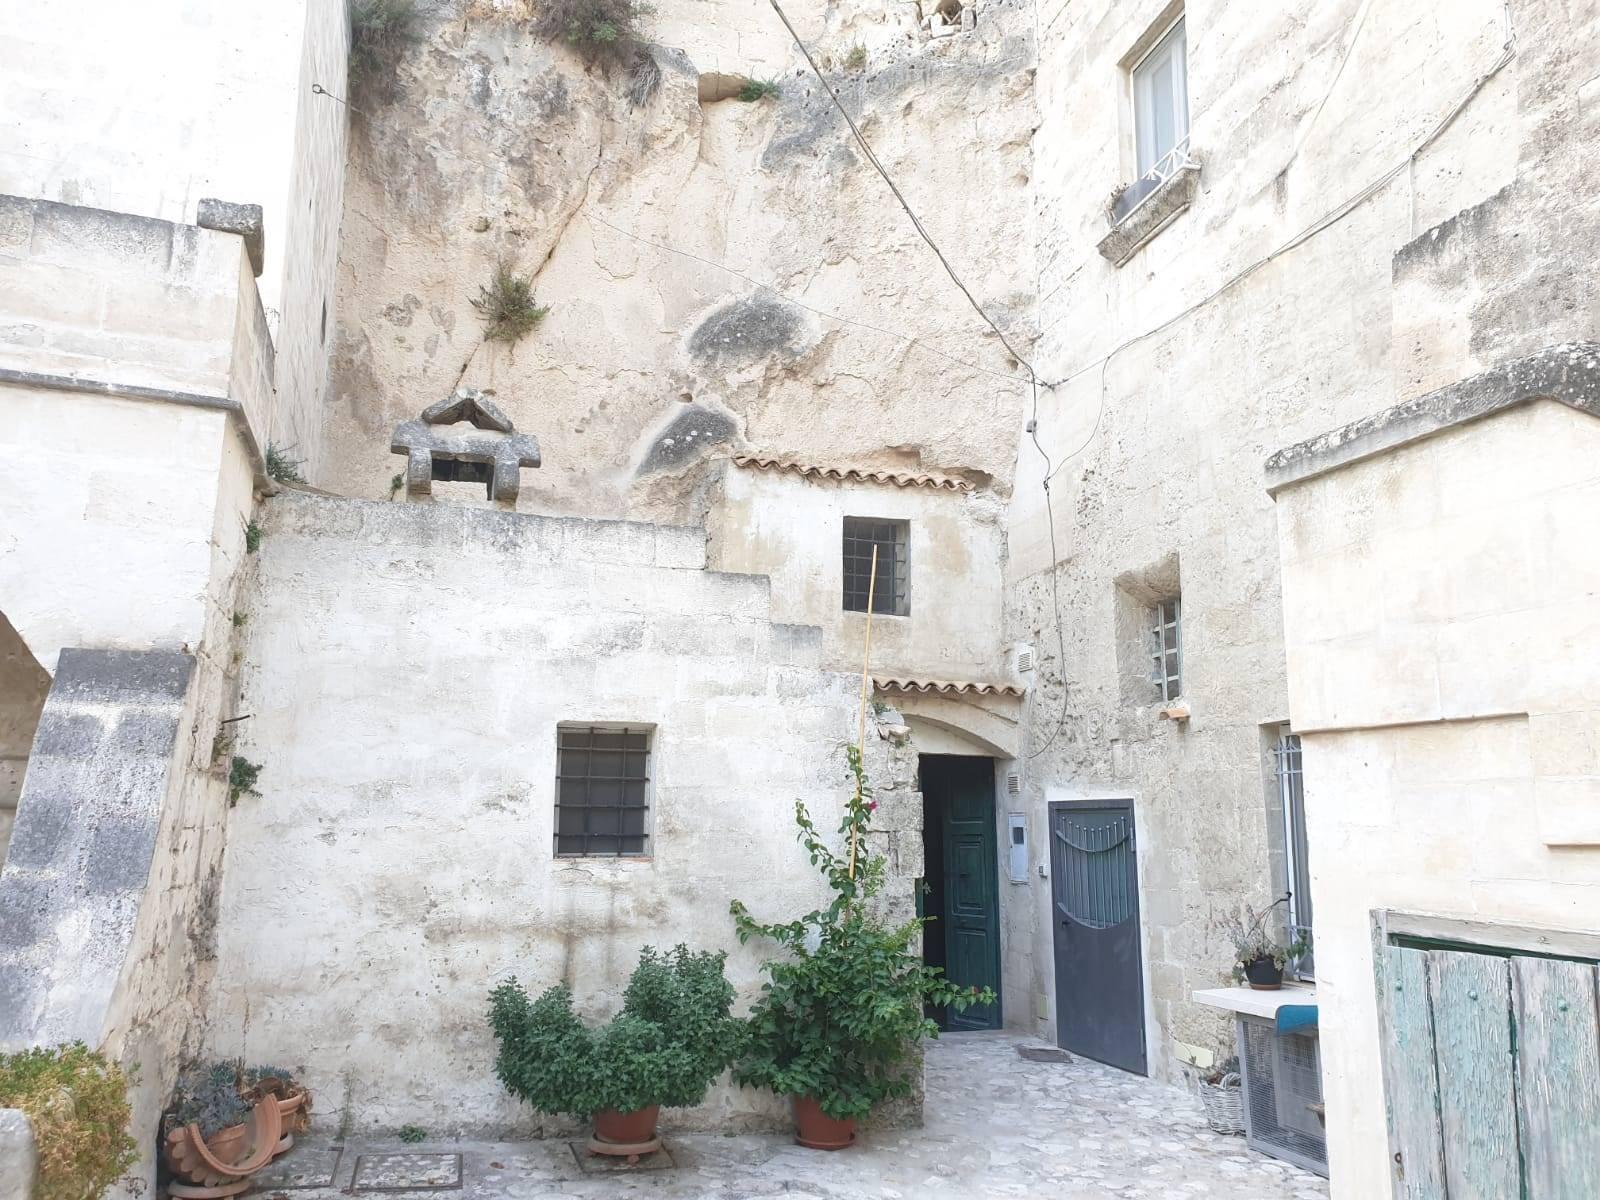 Appartamento in vendita a Matera, 3 locali, zona Zona: Centro storico, prezzo € 103.000 | CambioCasa.it